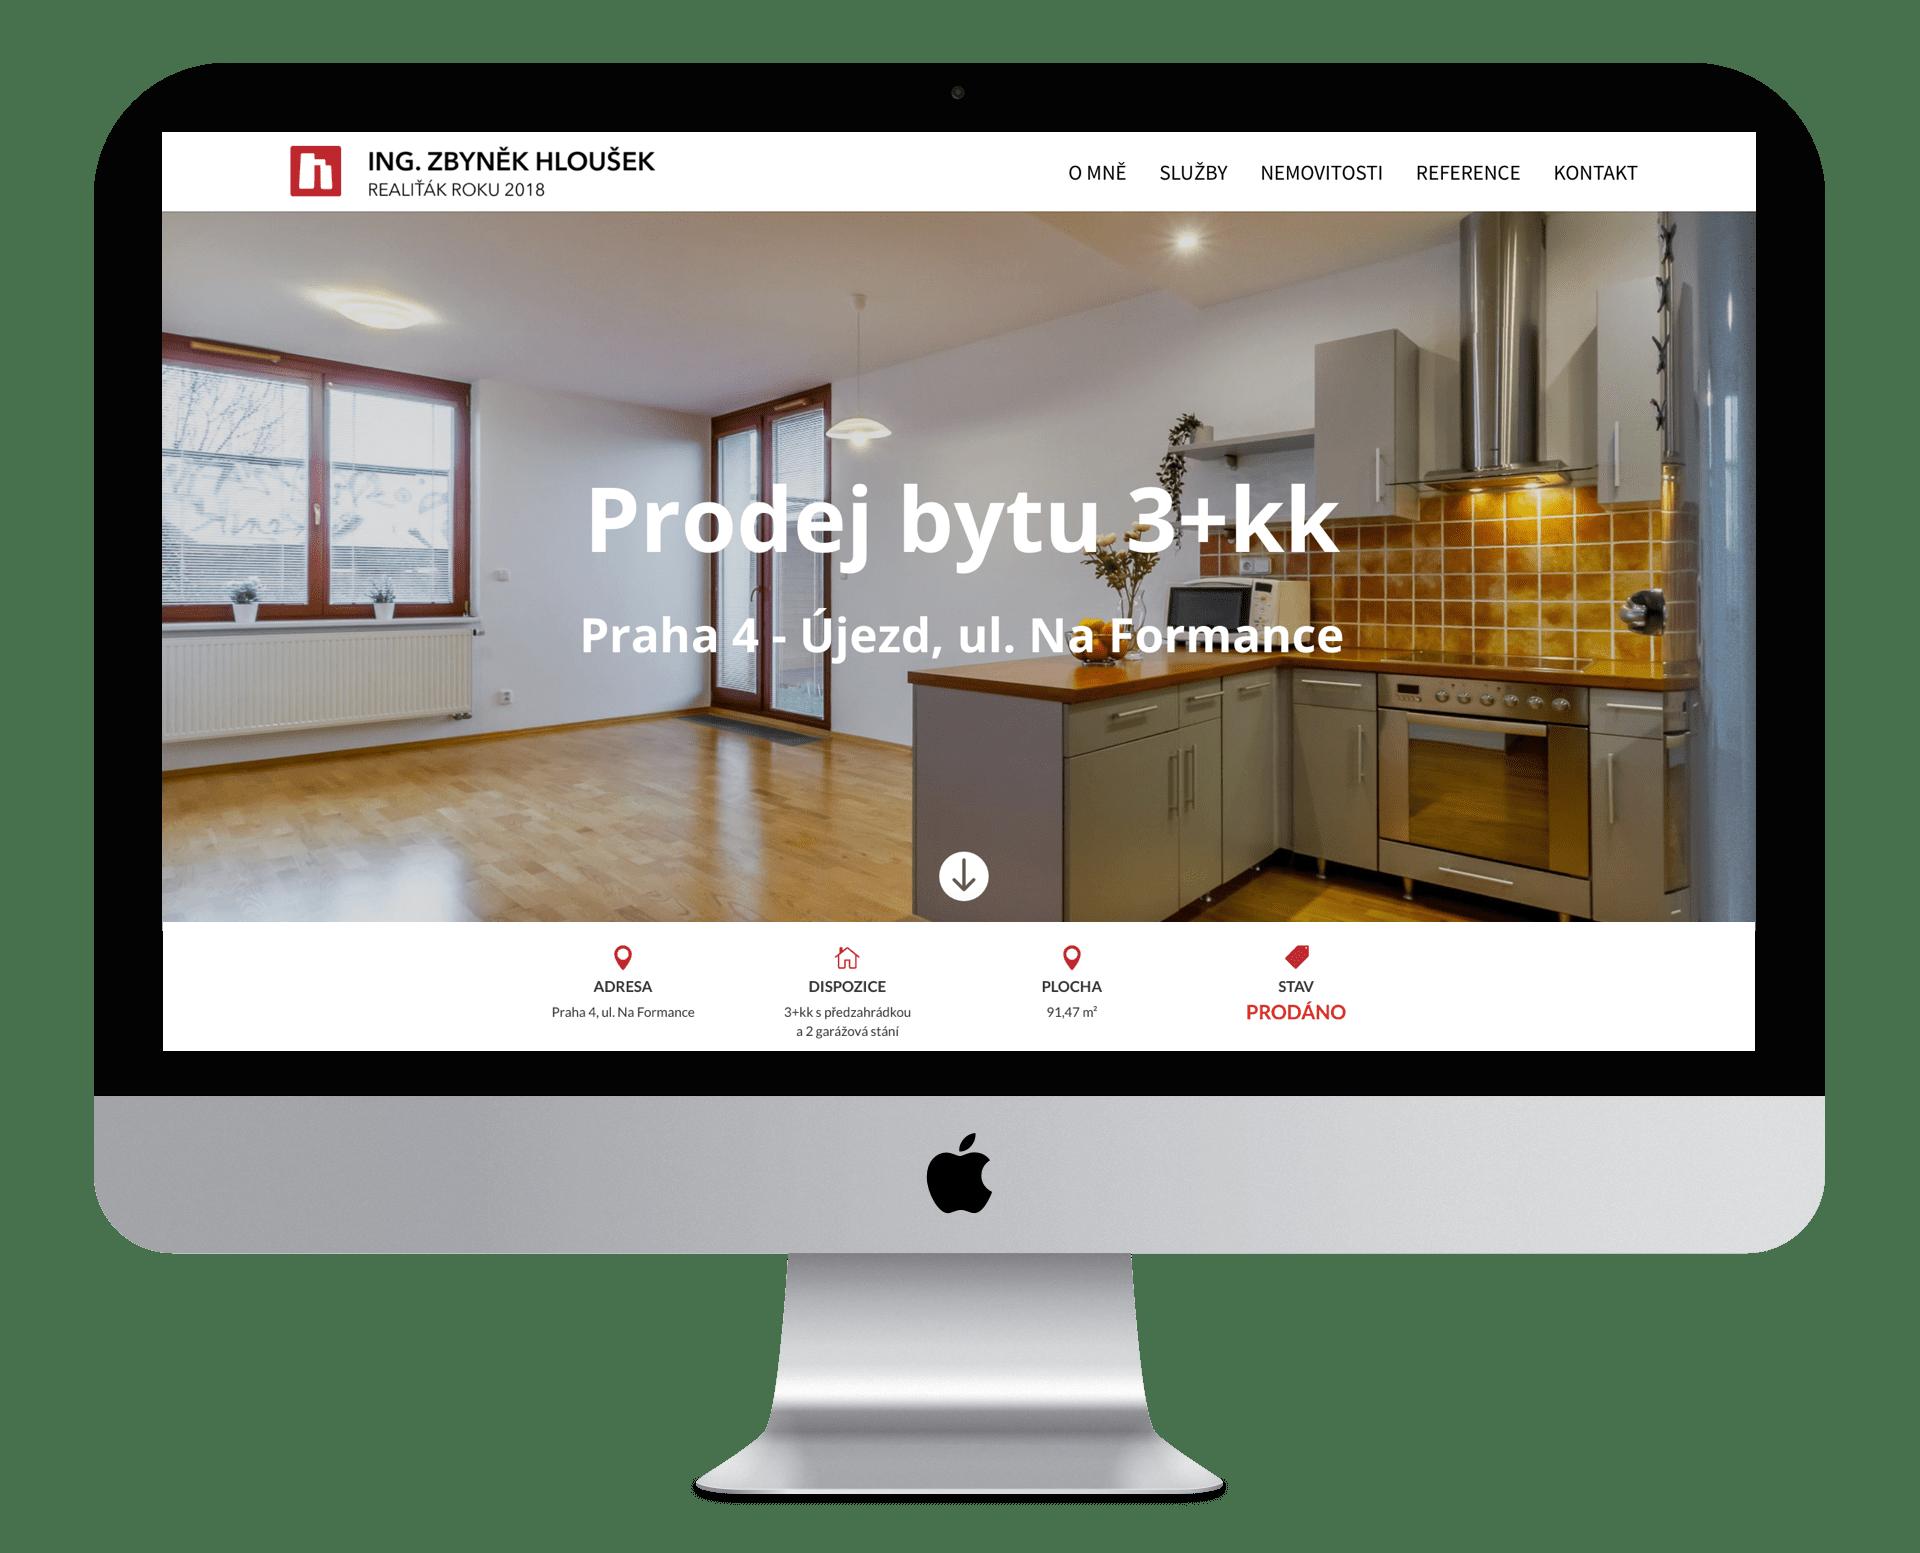 Web nemovitosti - prodej bytu Praha 10 Petrovice - Ing. Zbyněk Hloušek - realitní makléř v Praze